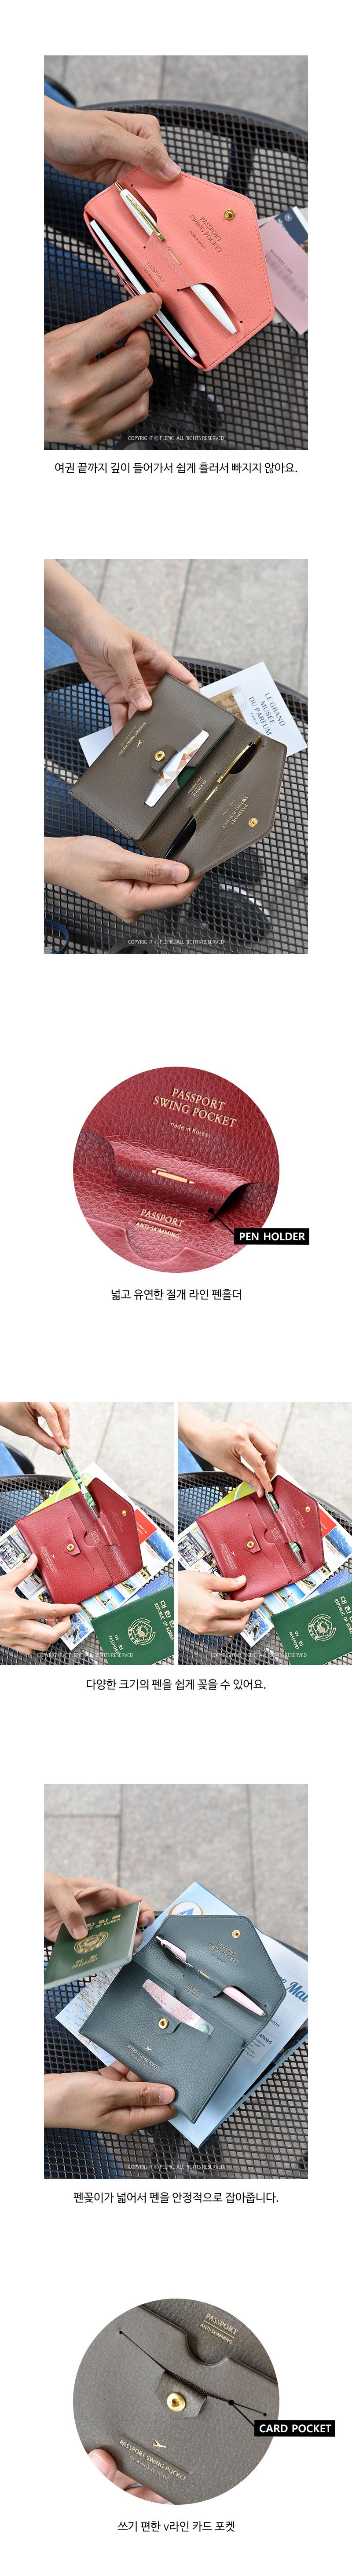 Passport Swing Pocket11,900원-플레픽여행/레포츠, 여권/네임택, 여권케이스, 심플 케이스바보사랑Passport Swing Pocket11,900원-플레픽여행/레포츠, 여권/네임택, 여권케이스, 심플 케이스바보사랑